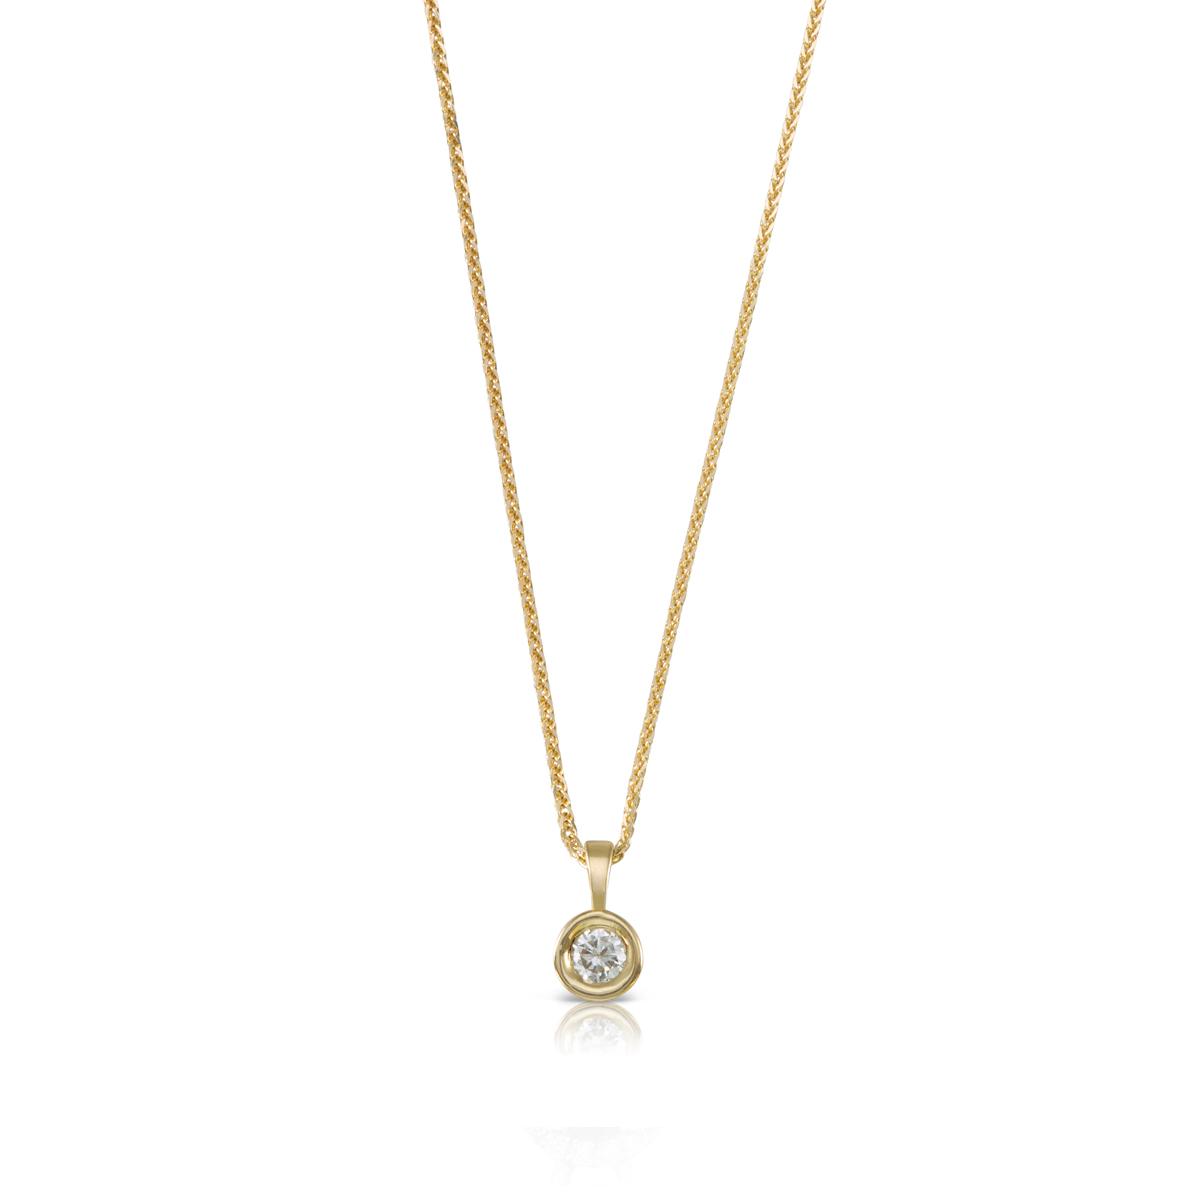 שרשרת יהלום קלאסית, תליון מסגרת זהב